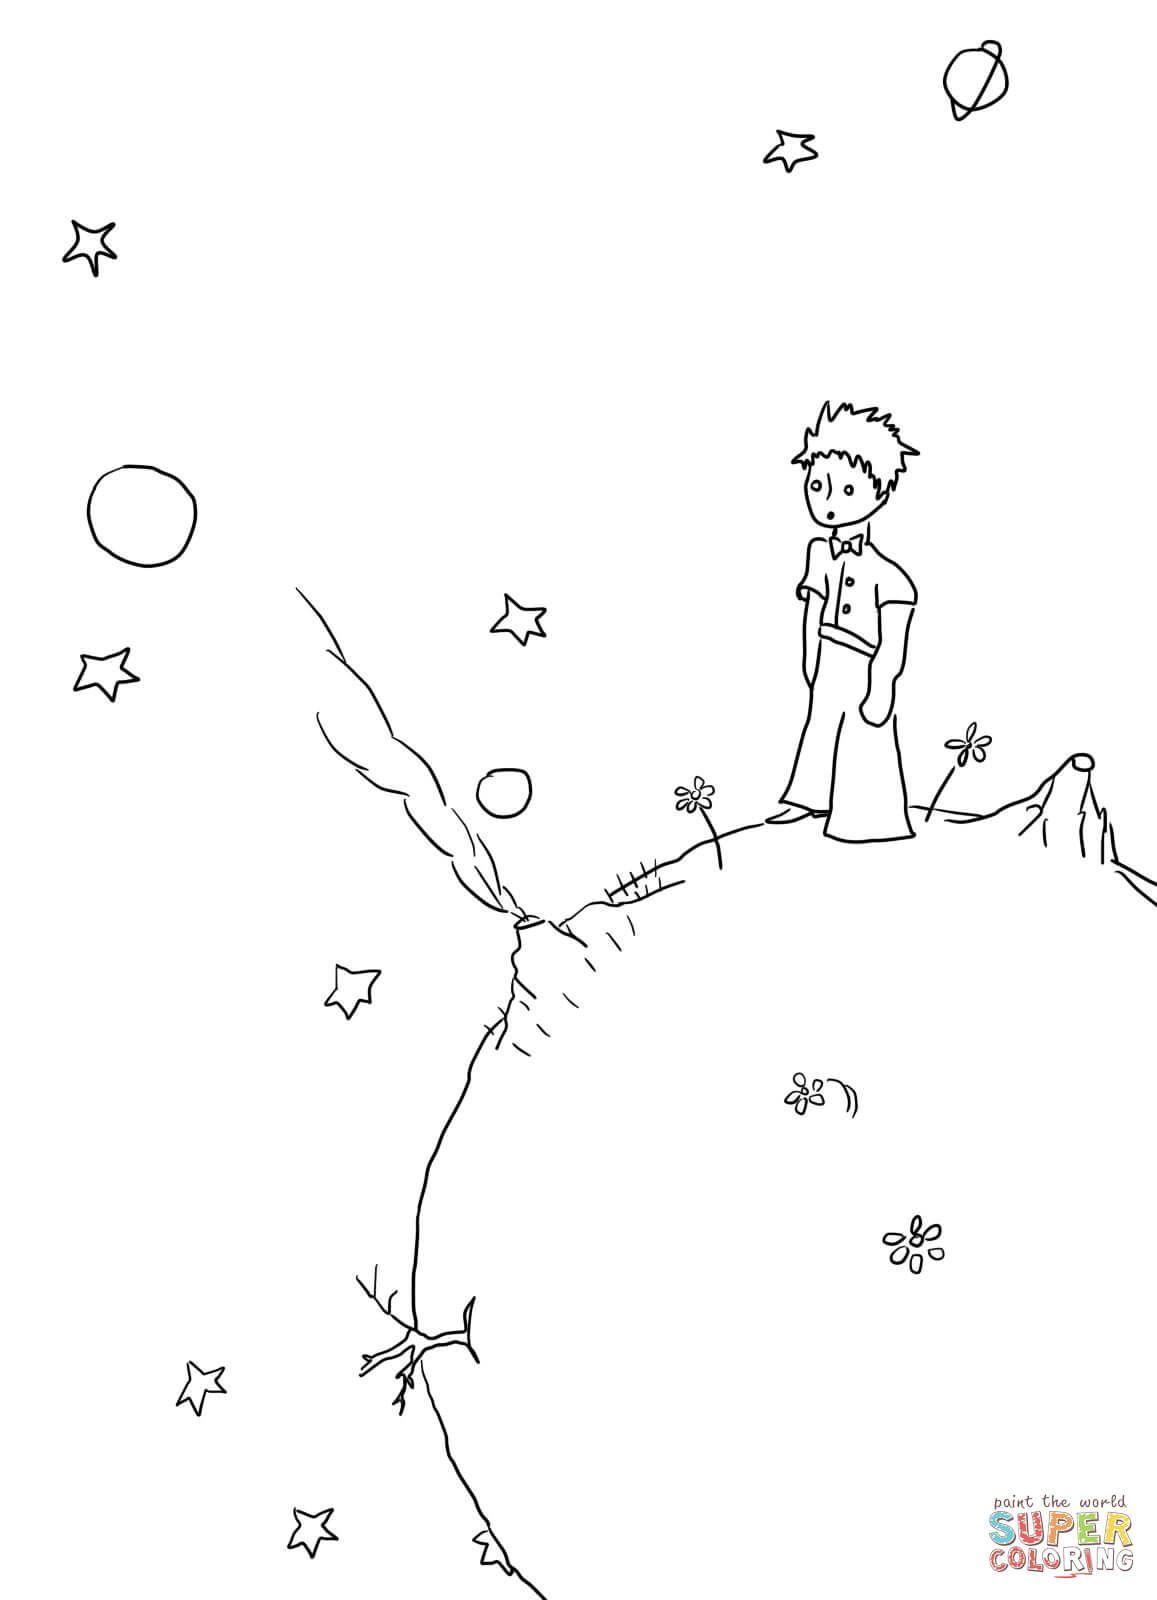 Ausmalbild Der Kleine Prinz Manuskripte Ausmalbilder Kostenlos Zum Ausdrucken Ausmalbild Der Klei In 2020 Little Prince Tattoo The Little Prince Prince Tattoos